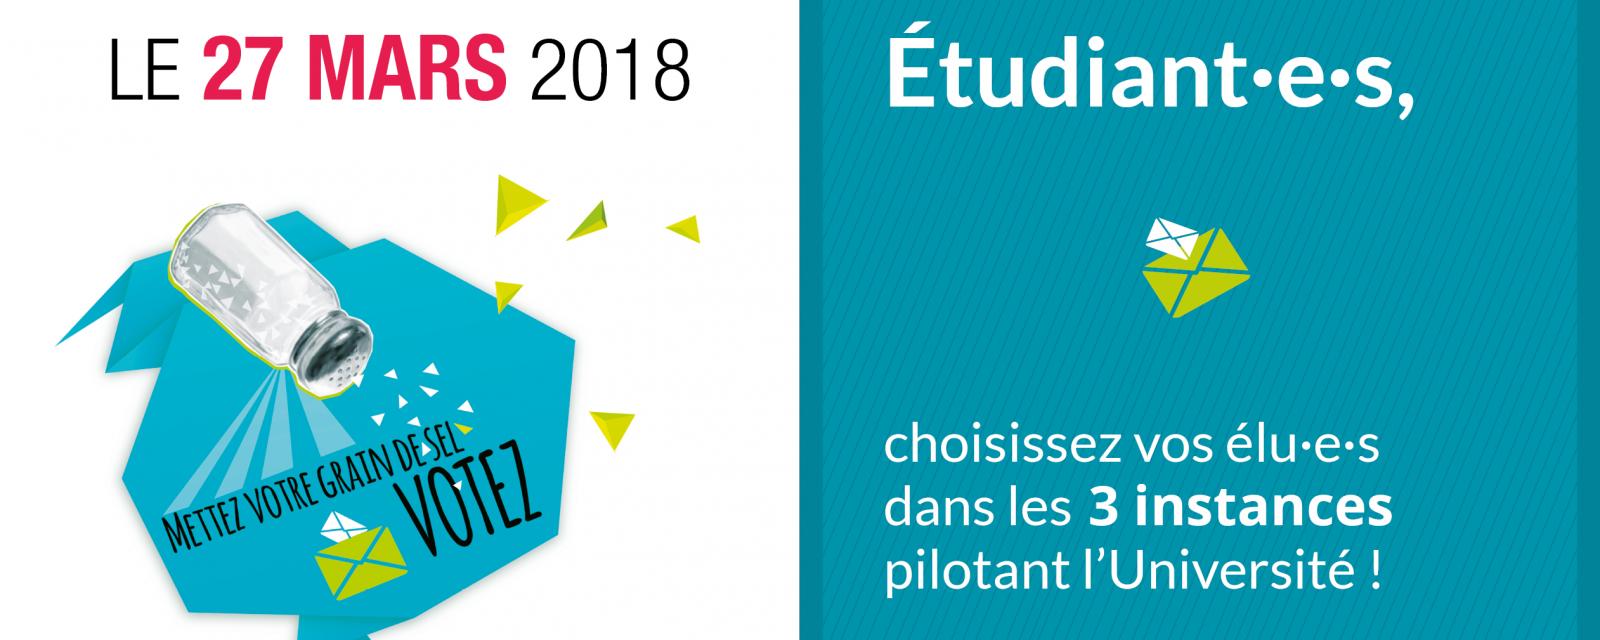 Élections étudiantes le mardi 27 mars 2018